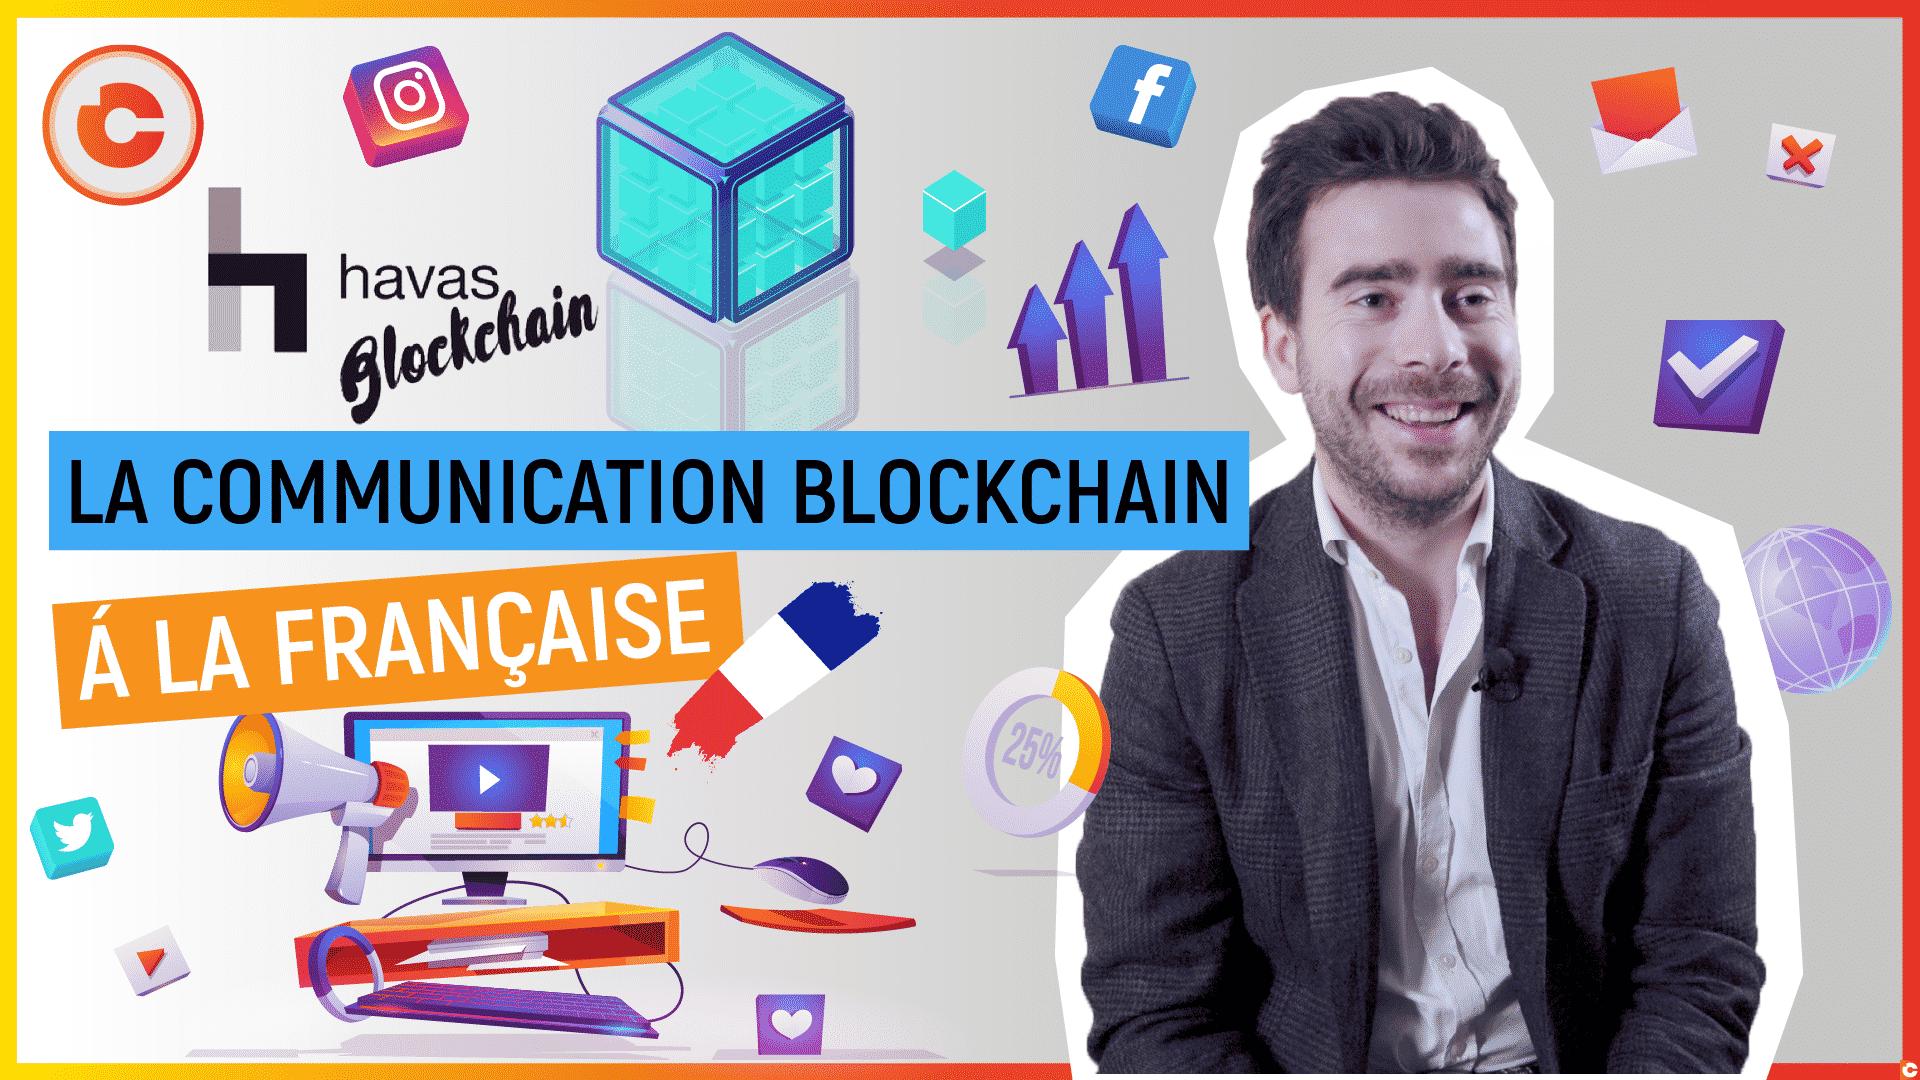 Havas Blockchain Gael Durand-Perdriel